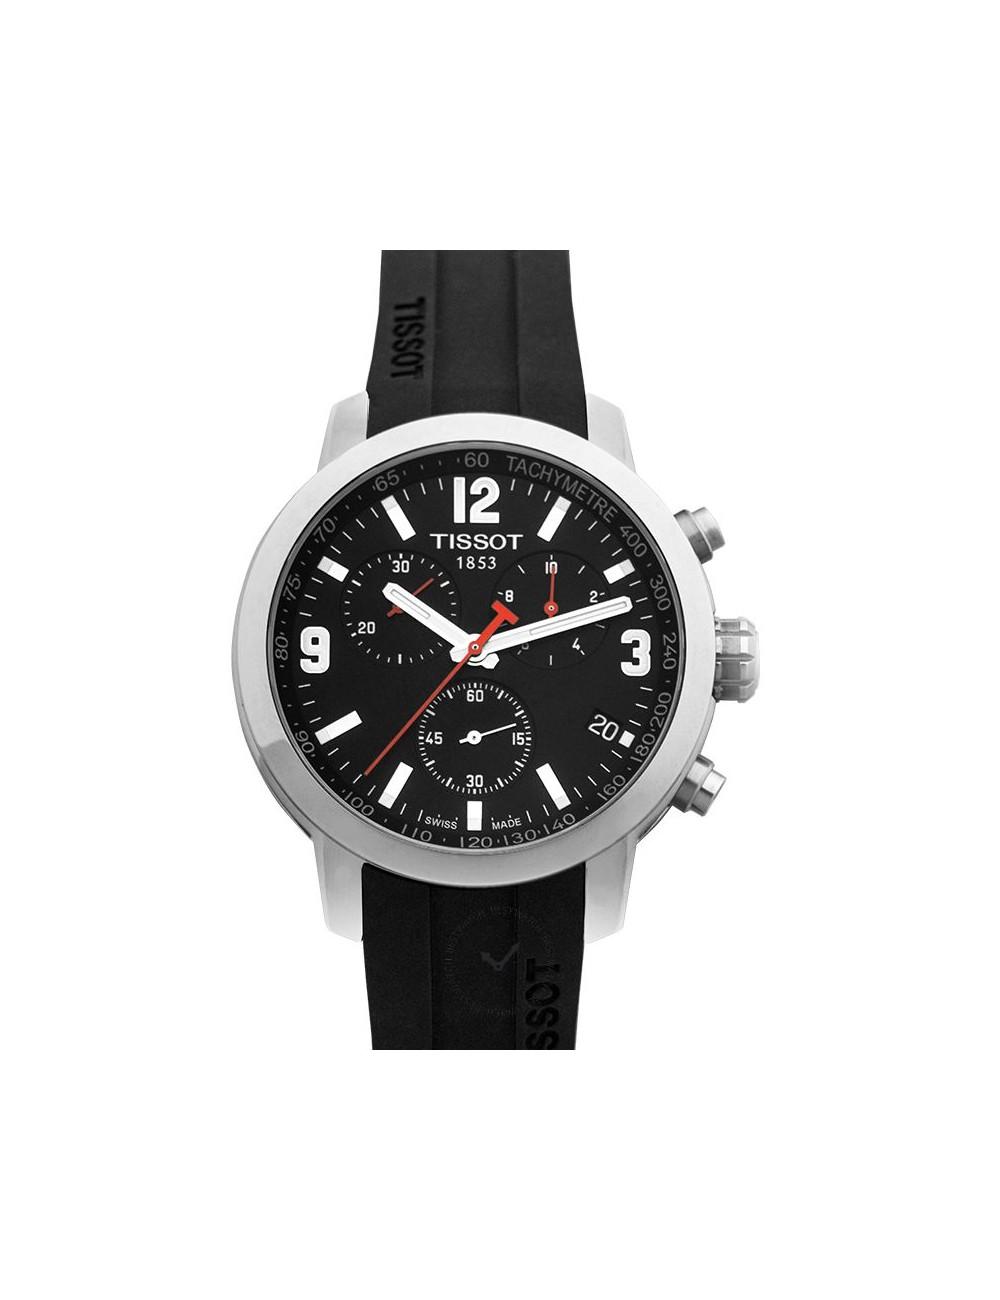 Tissot -Tissot PRC 200 Chronograph -T055.417.17.057.00